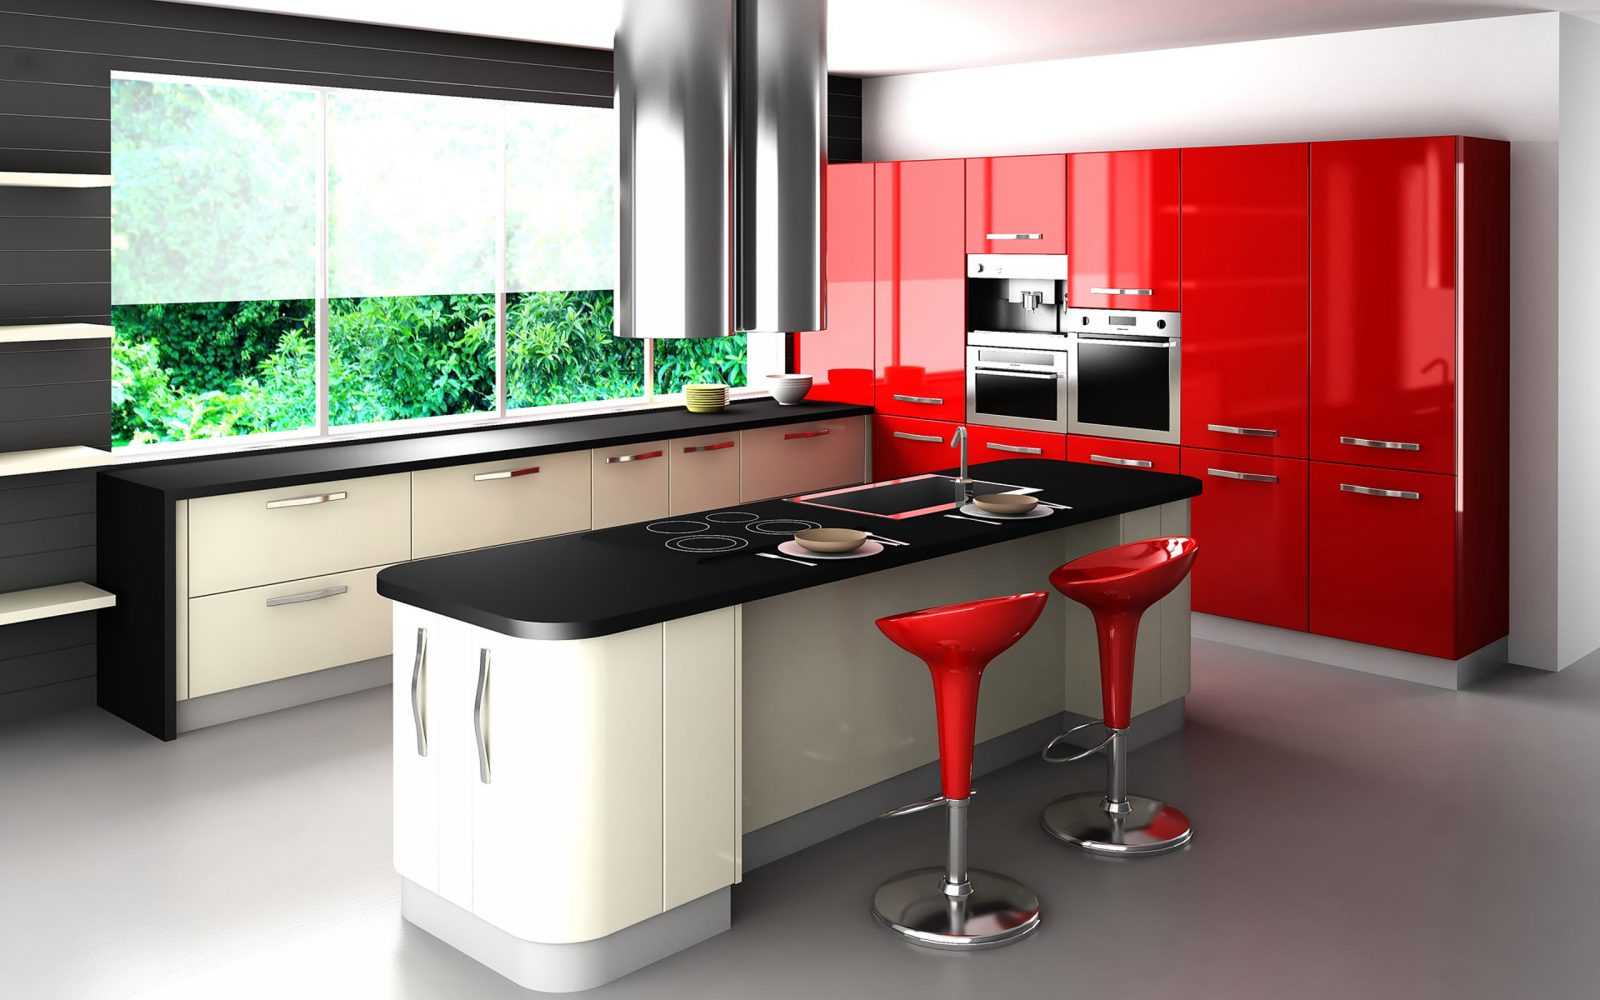 Claves para crear una cocina moderna for Cocinas espectaculares modernas